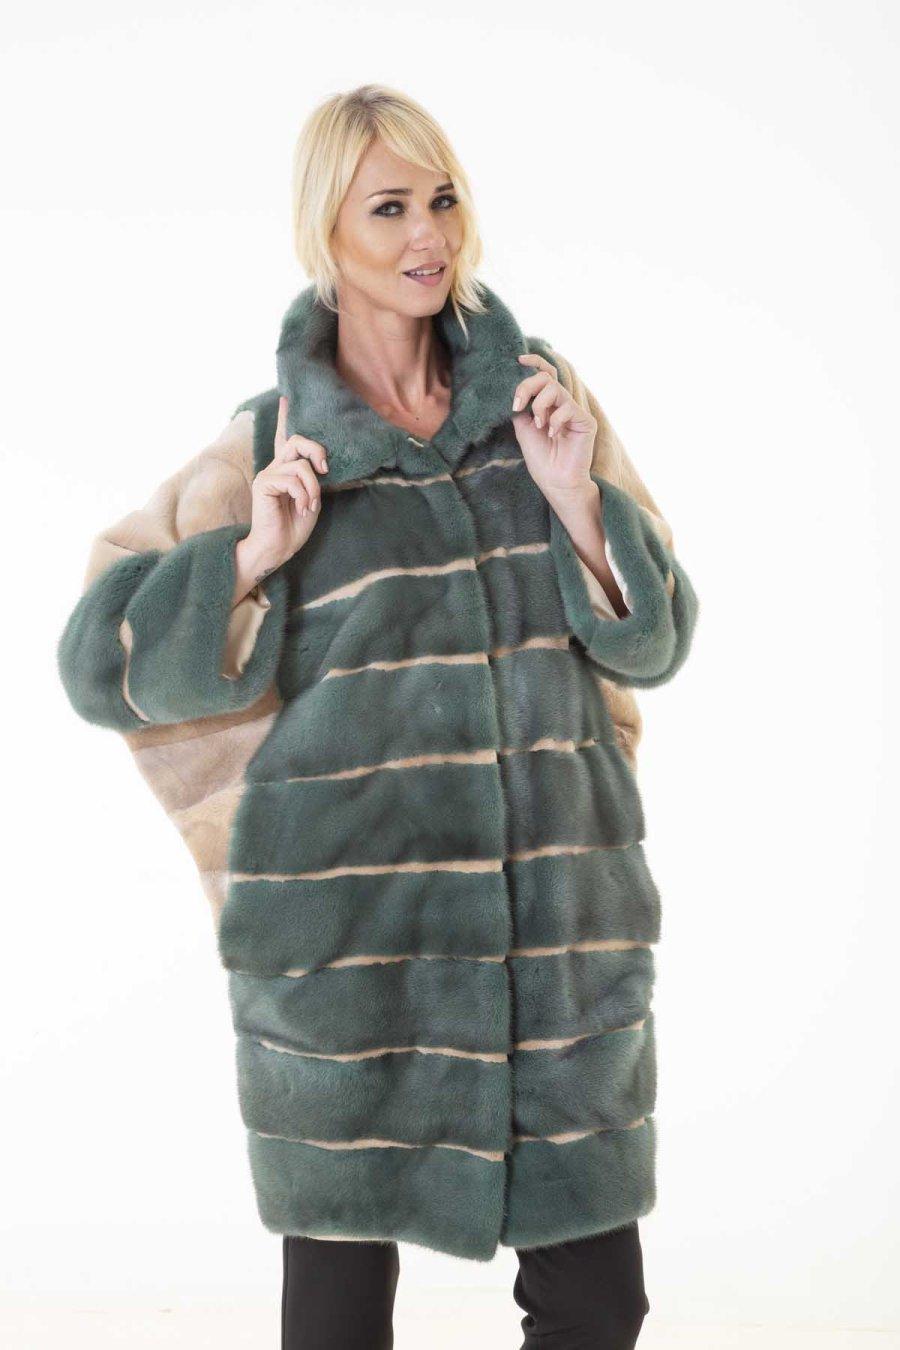 Esmeralda - Male Mink Fur Jacket | Эсмеральда – Пальто из меха норки - Sarigianni Furs